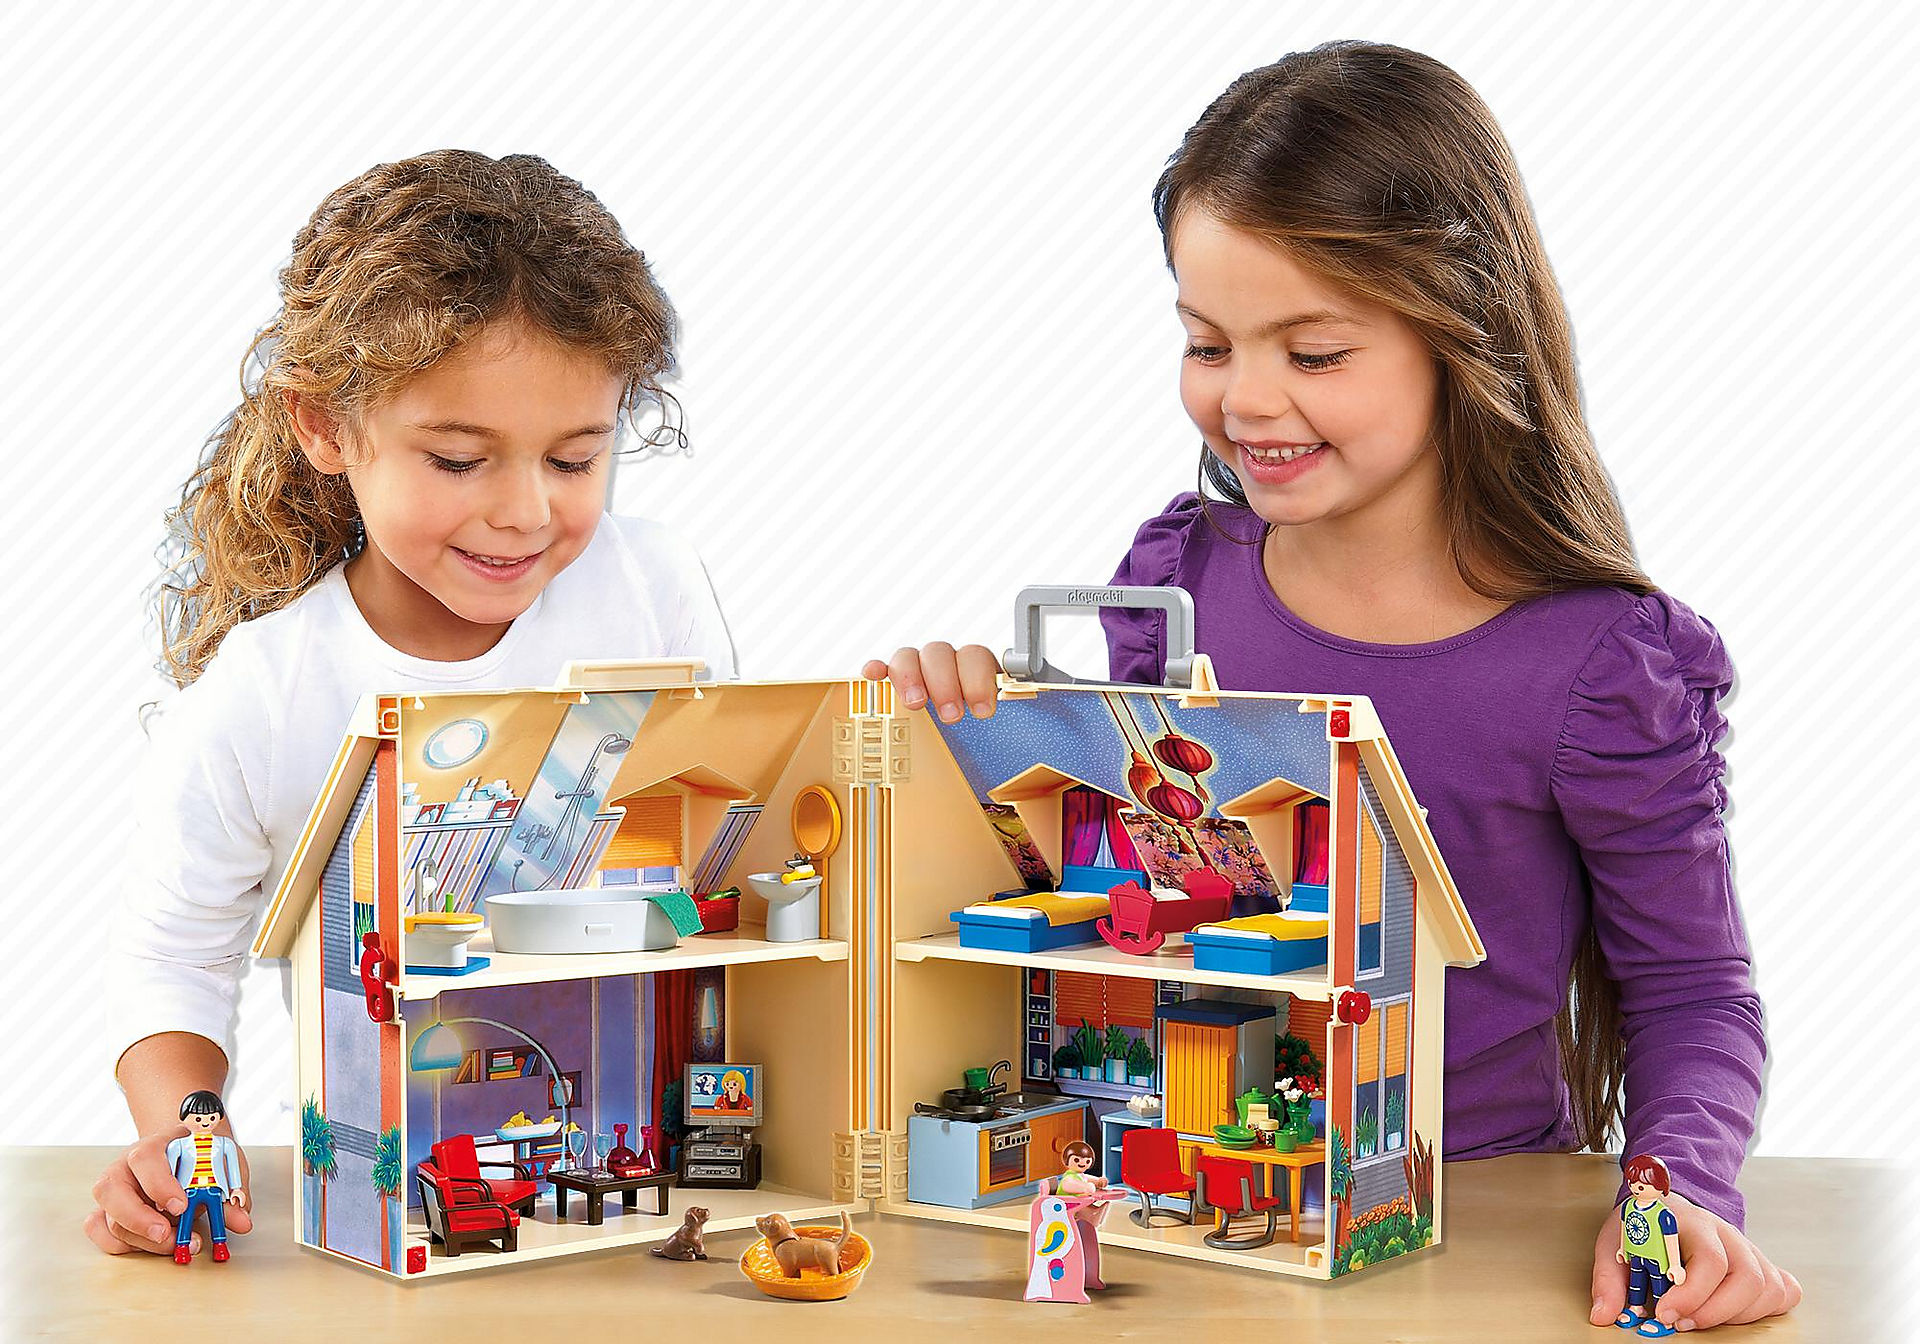 http://media.playmobil.com/i/playmobil/5167_product_extra2/Mitt bärbara dockhus